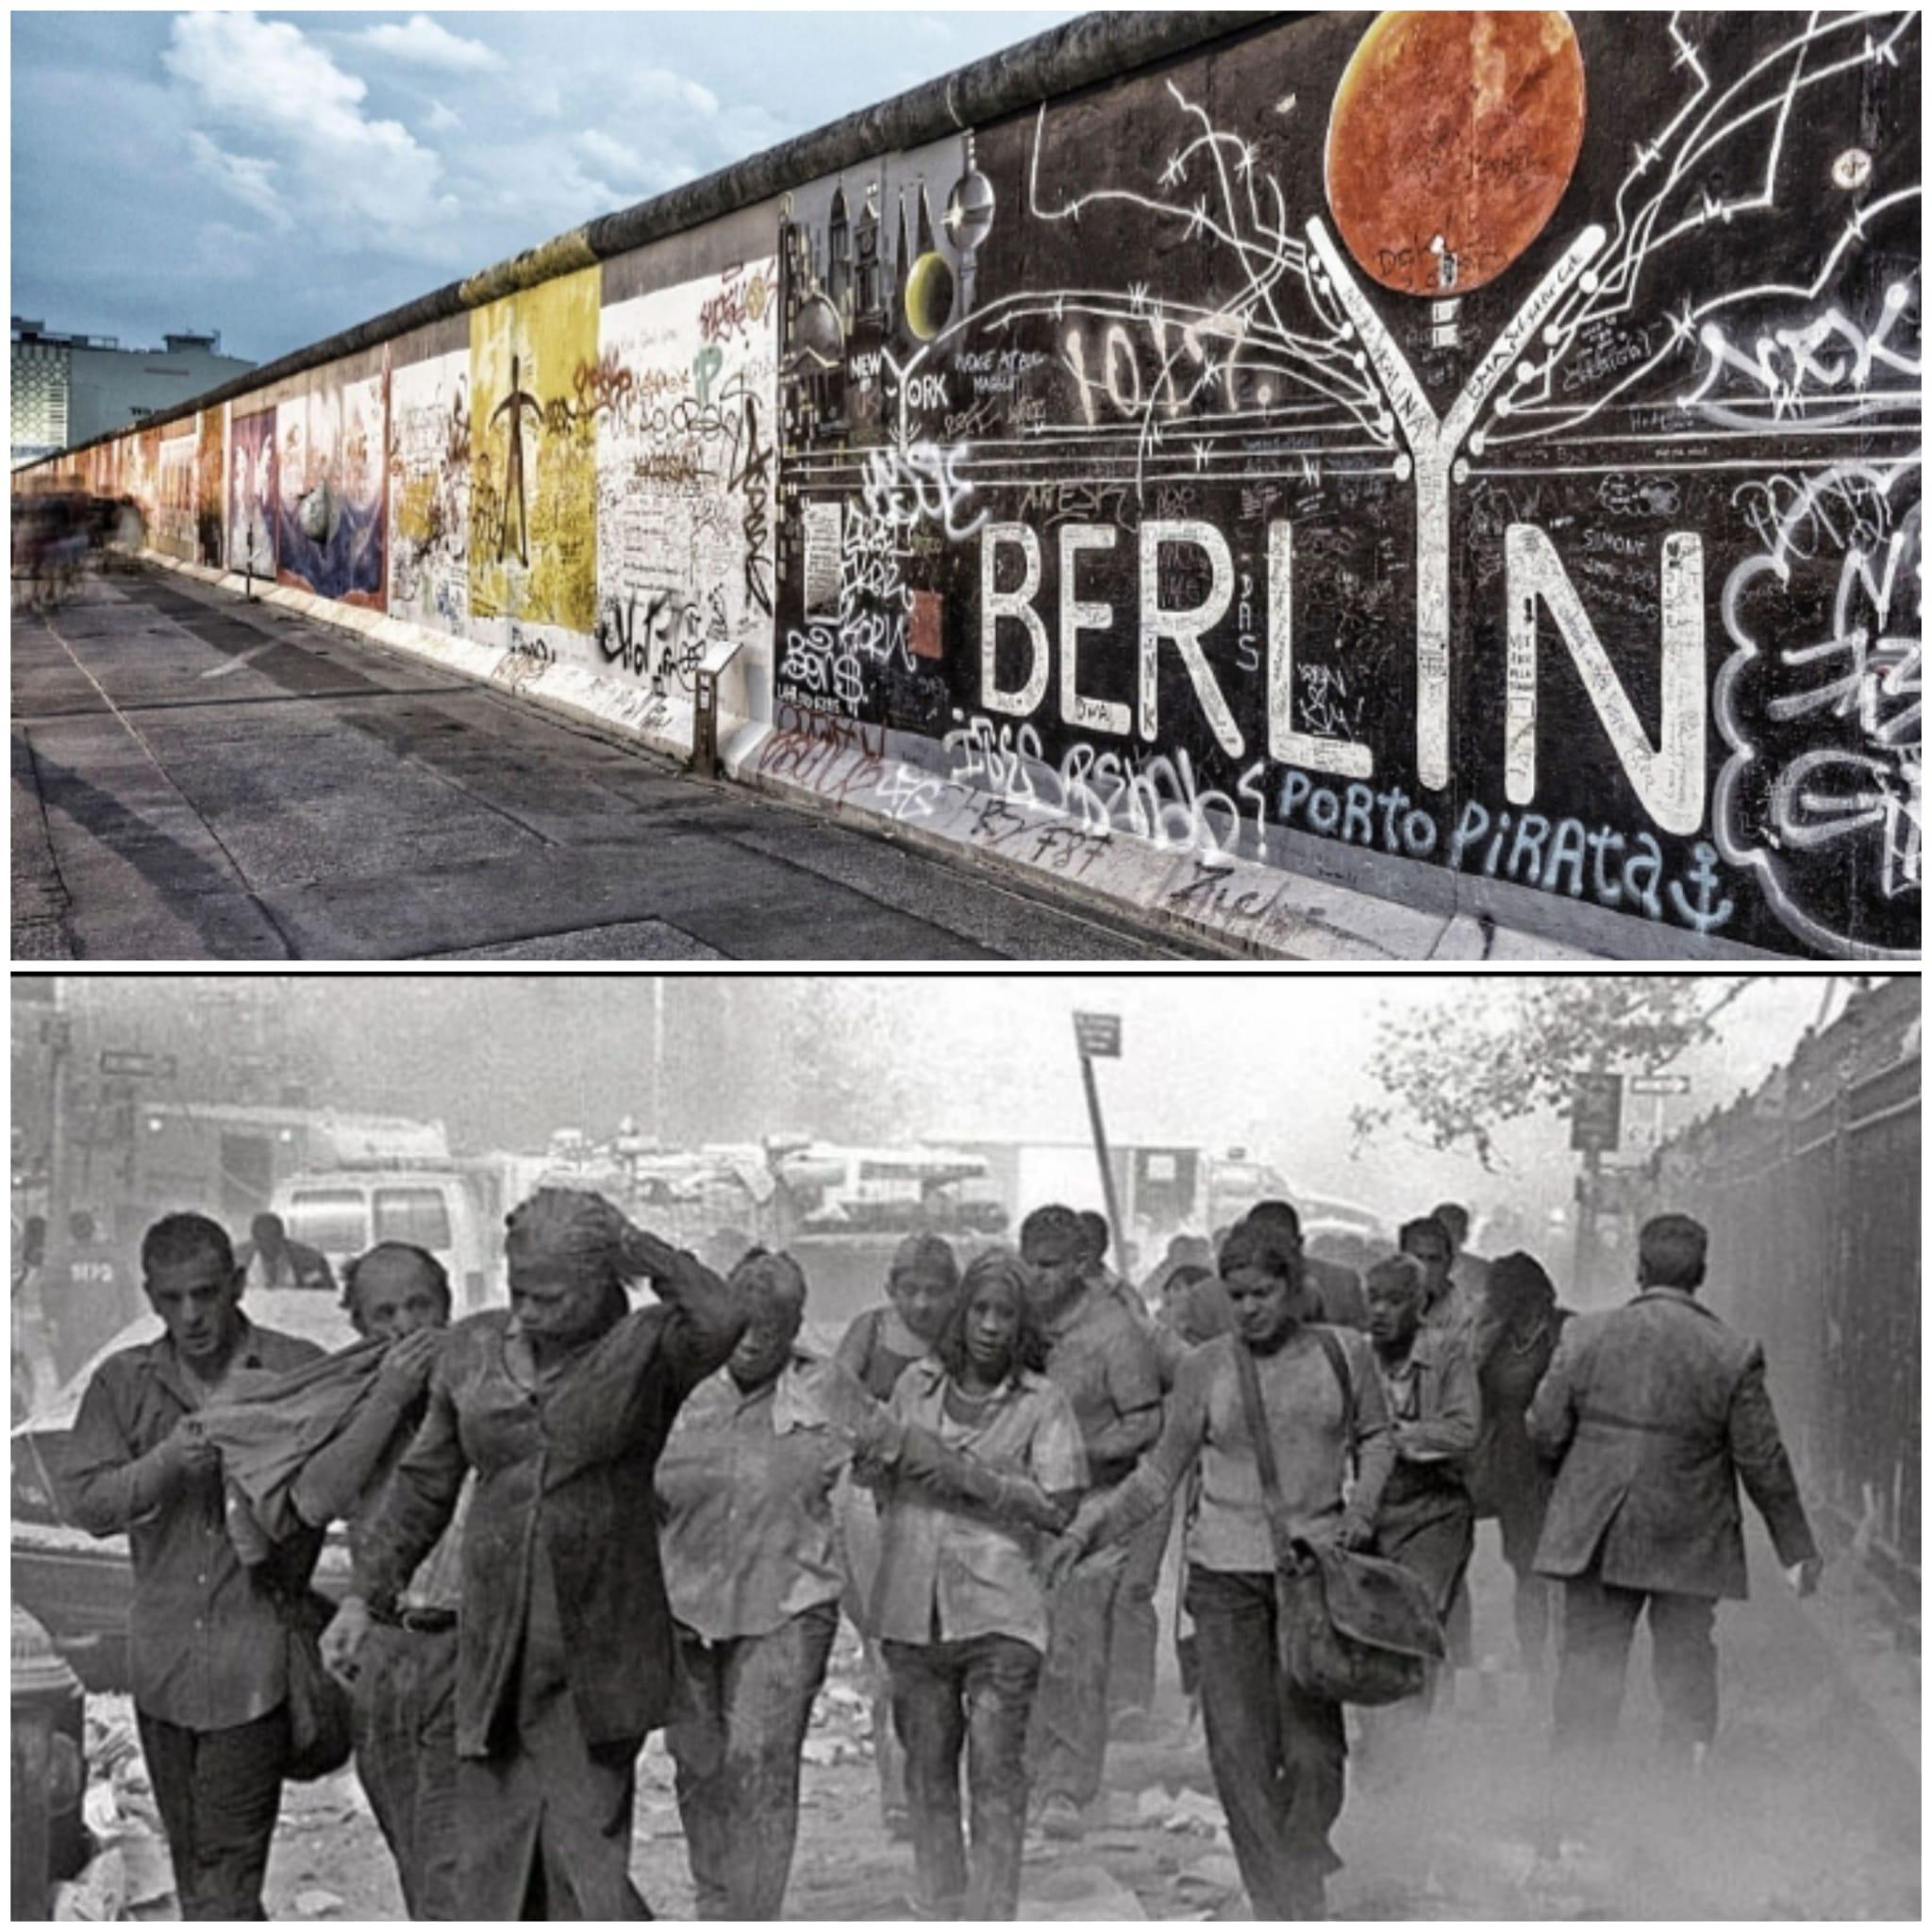 Quel muro post-ideologico che continua a dividere invece di unire